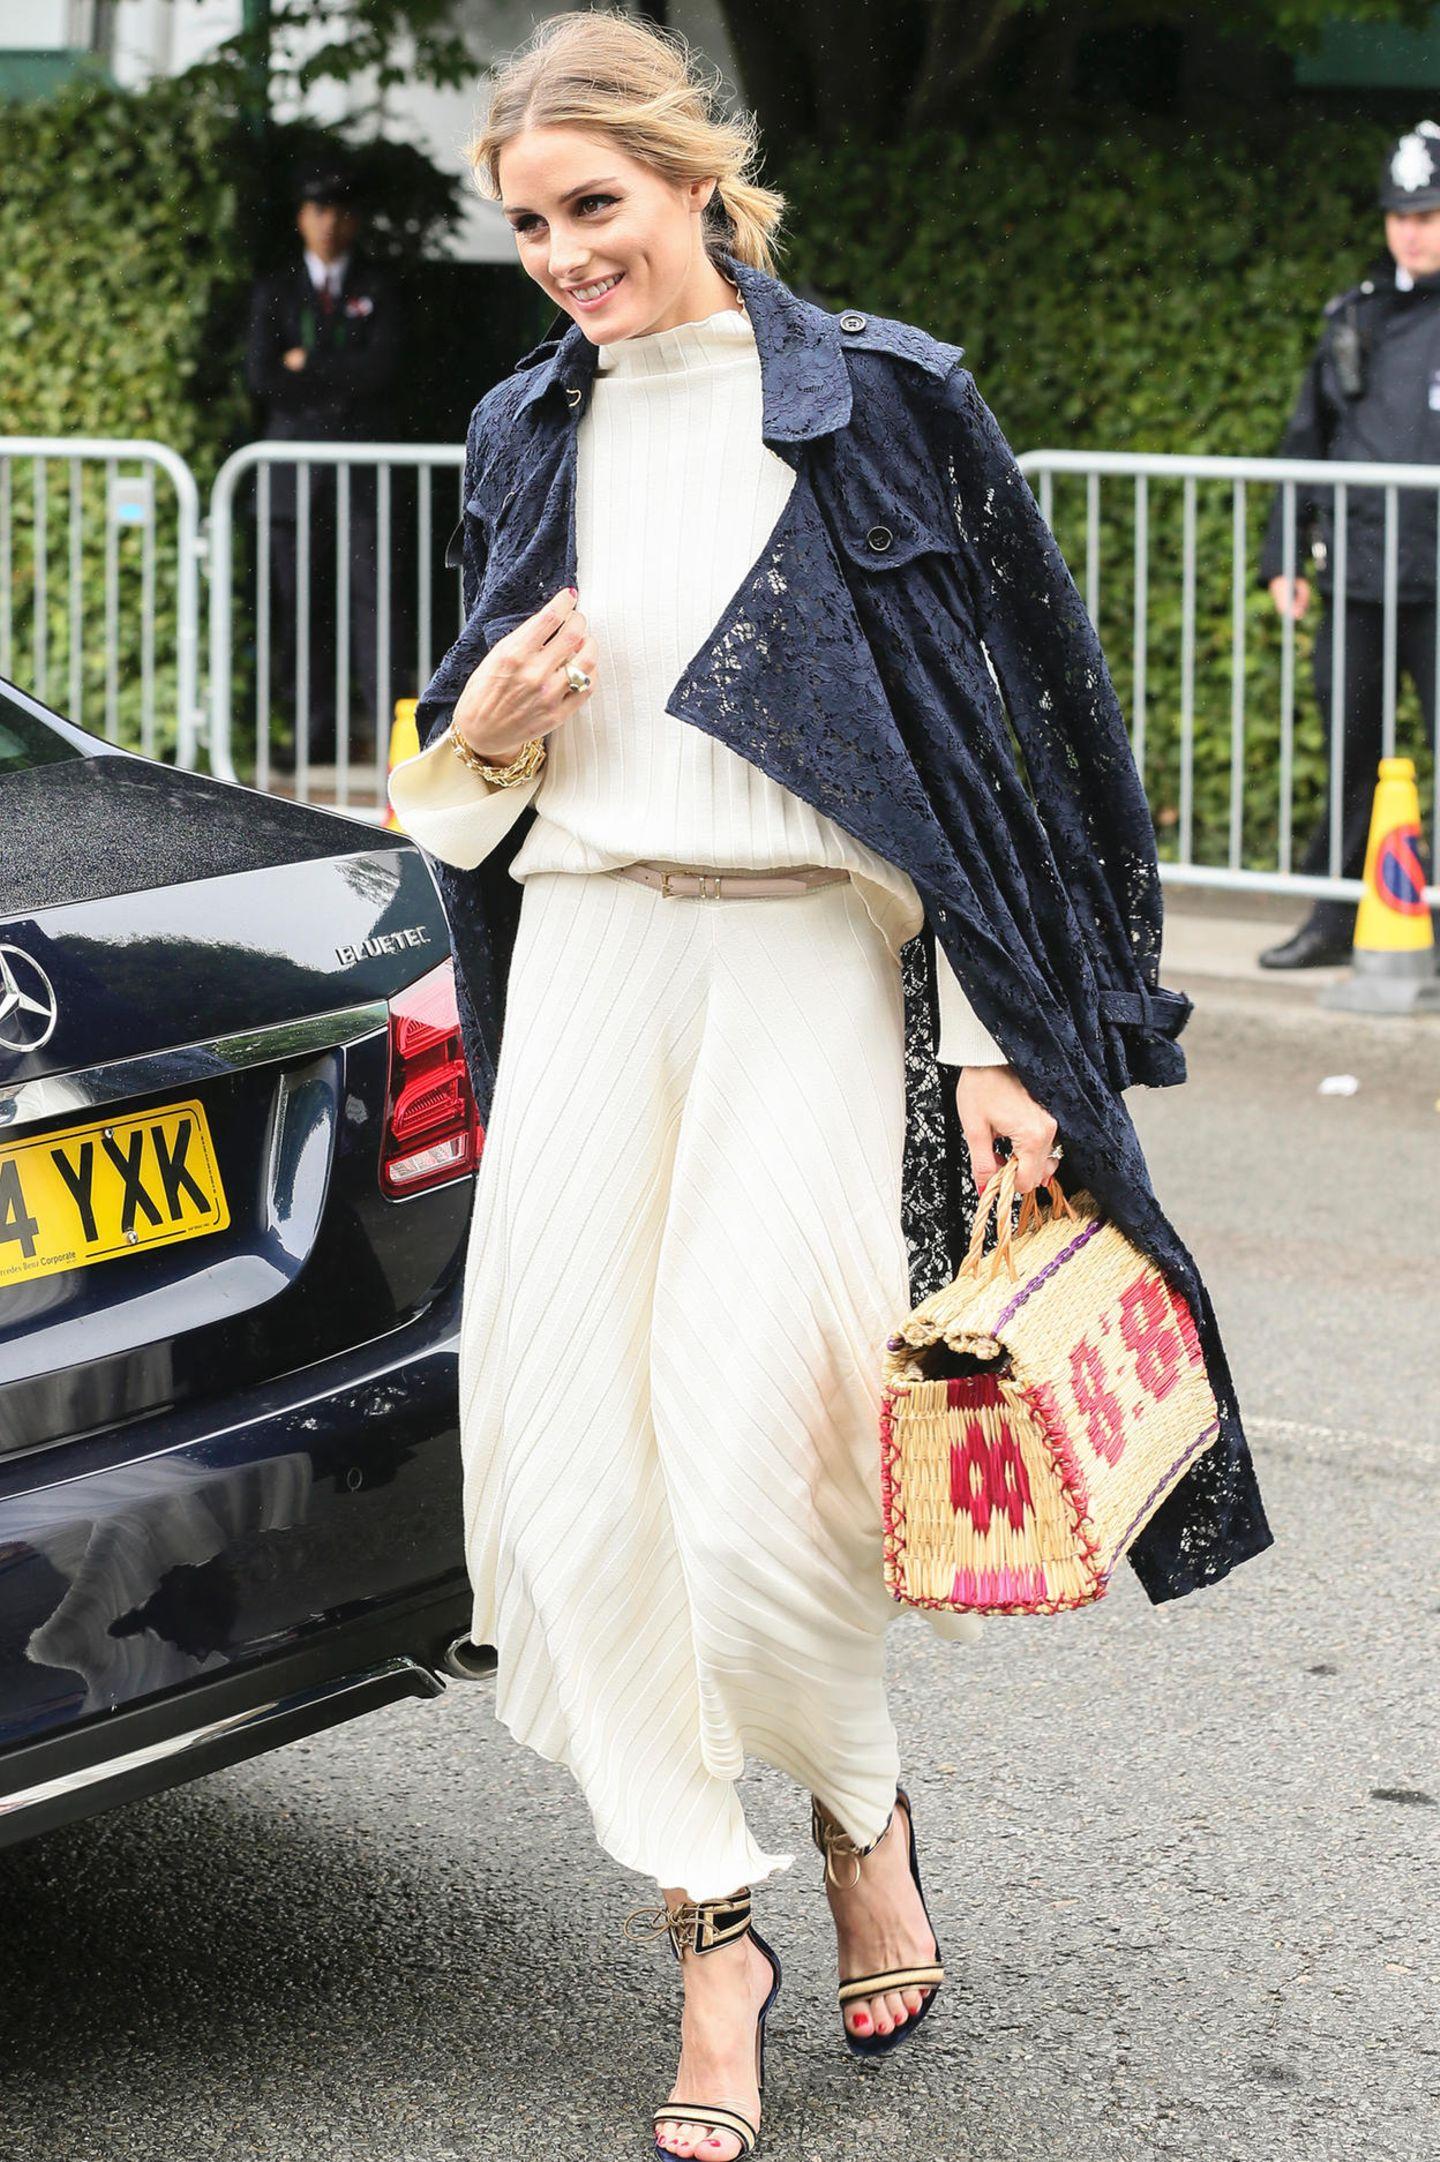 Olivia Palermo liebt es hingegen von Kopf bis Fuß elegant. Bei ihrem Wimbledon-Look treffen die edelsten Stoffe aufeinander: Der Mantel ist aus Spitze, der Einteiler darunter aus Plissée und die Heels sind mit Goldfäden bestickt.